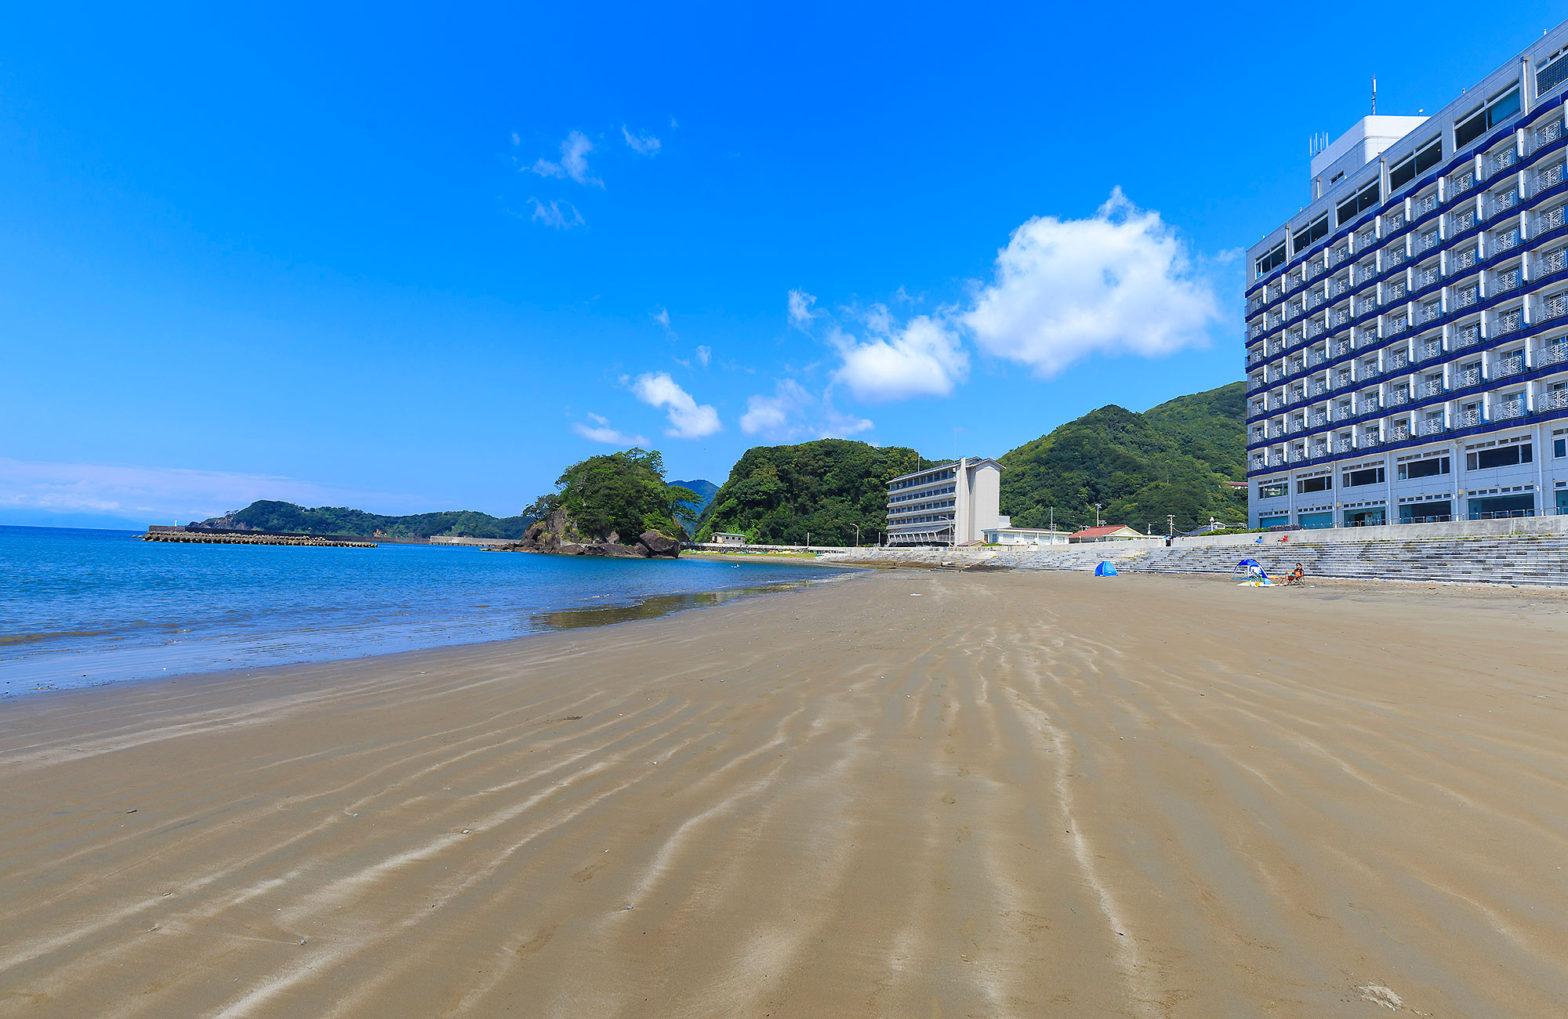 Matsuzaki Swimming Beach